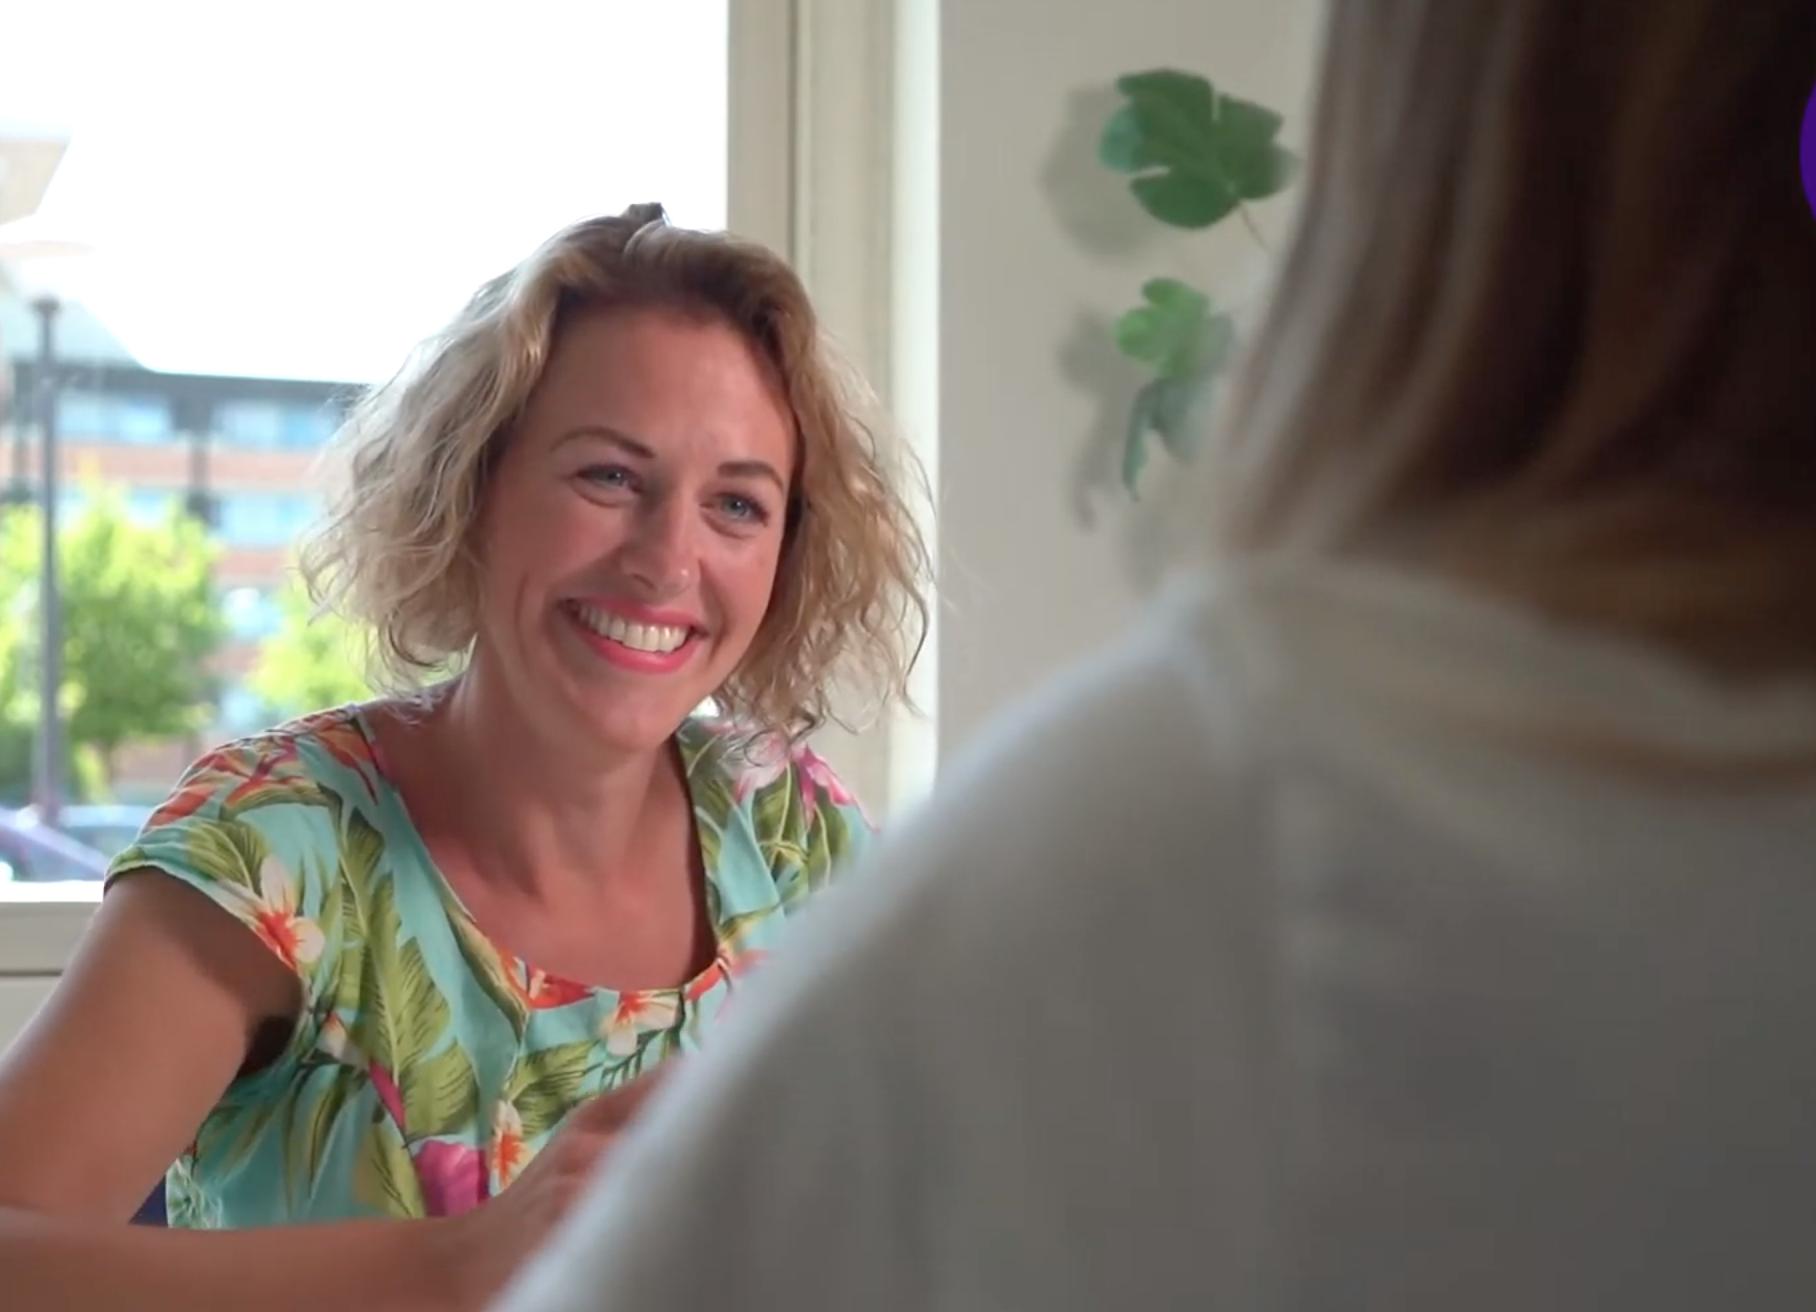 'Migrantenvrouwen leren door' biedt vluchtelingen in West-Friesland kans op studie of betere baan. 'Taal is zo belangrijk om in contact te komen met mensen'